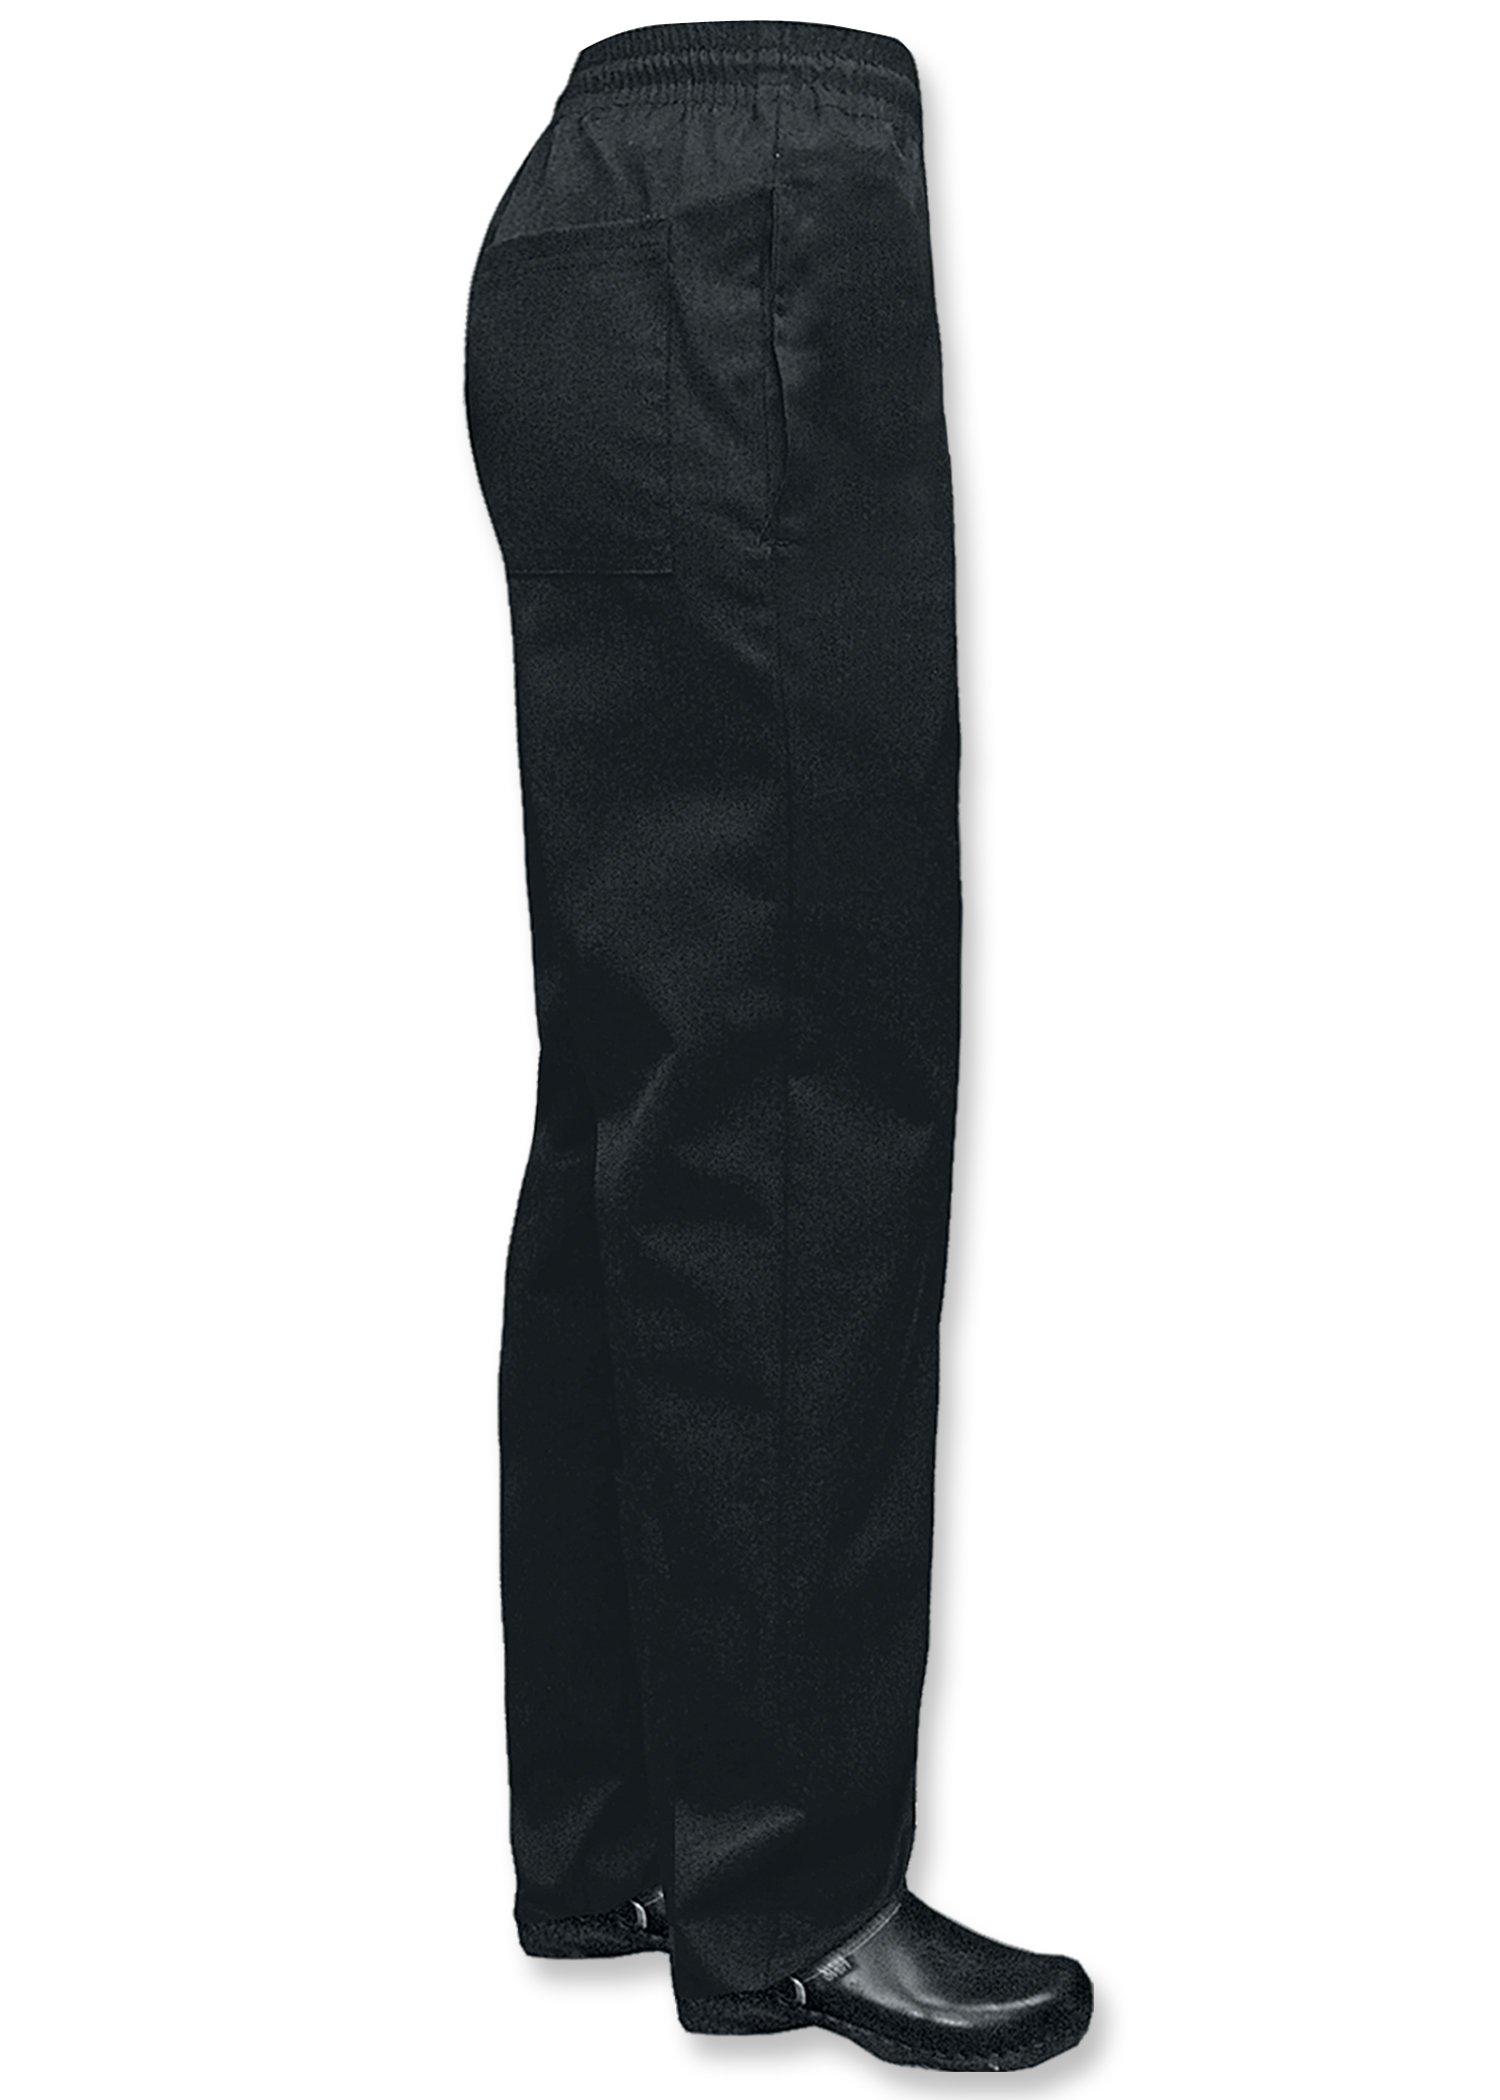 Newchef Fashion Black Ladies Chef Pants M Black